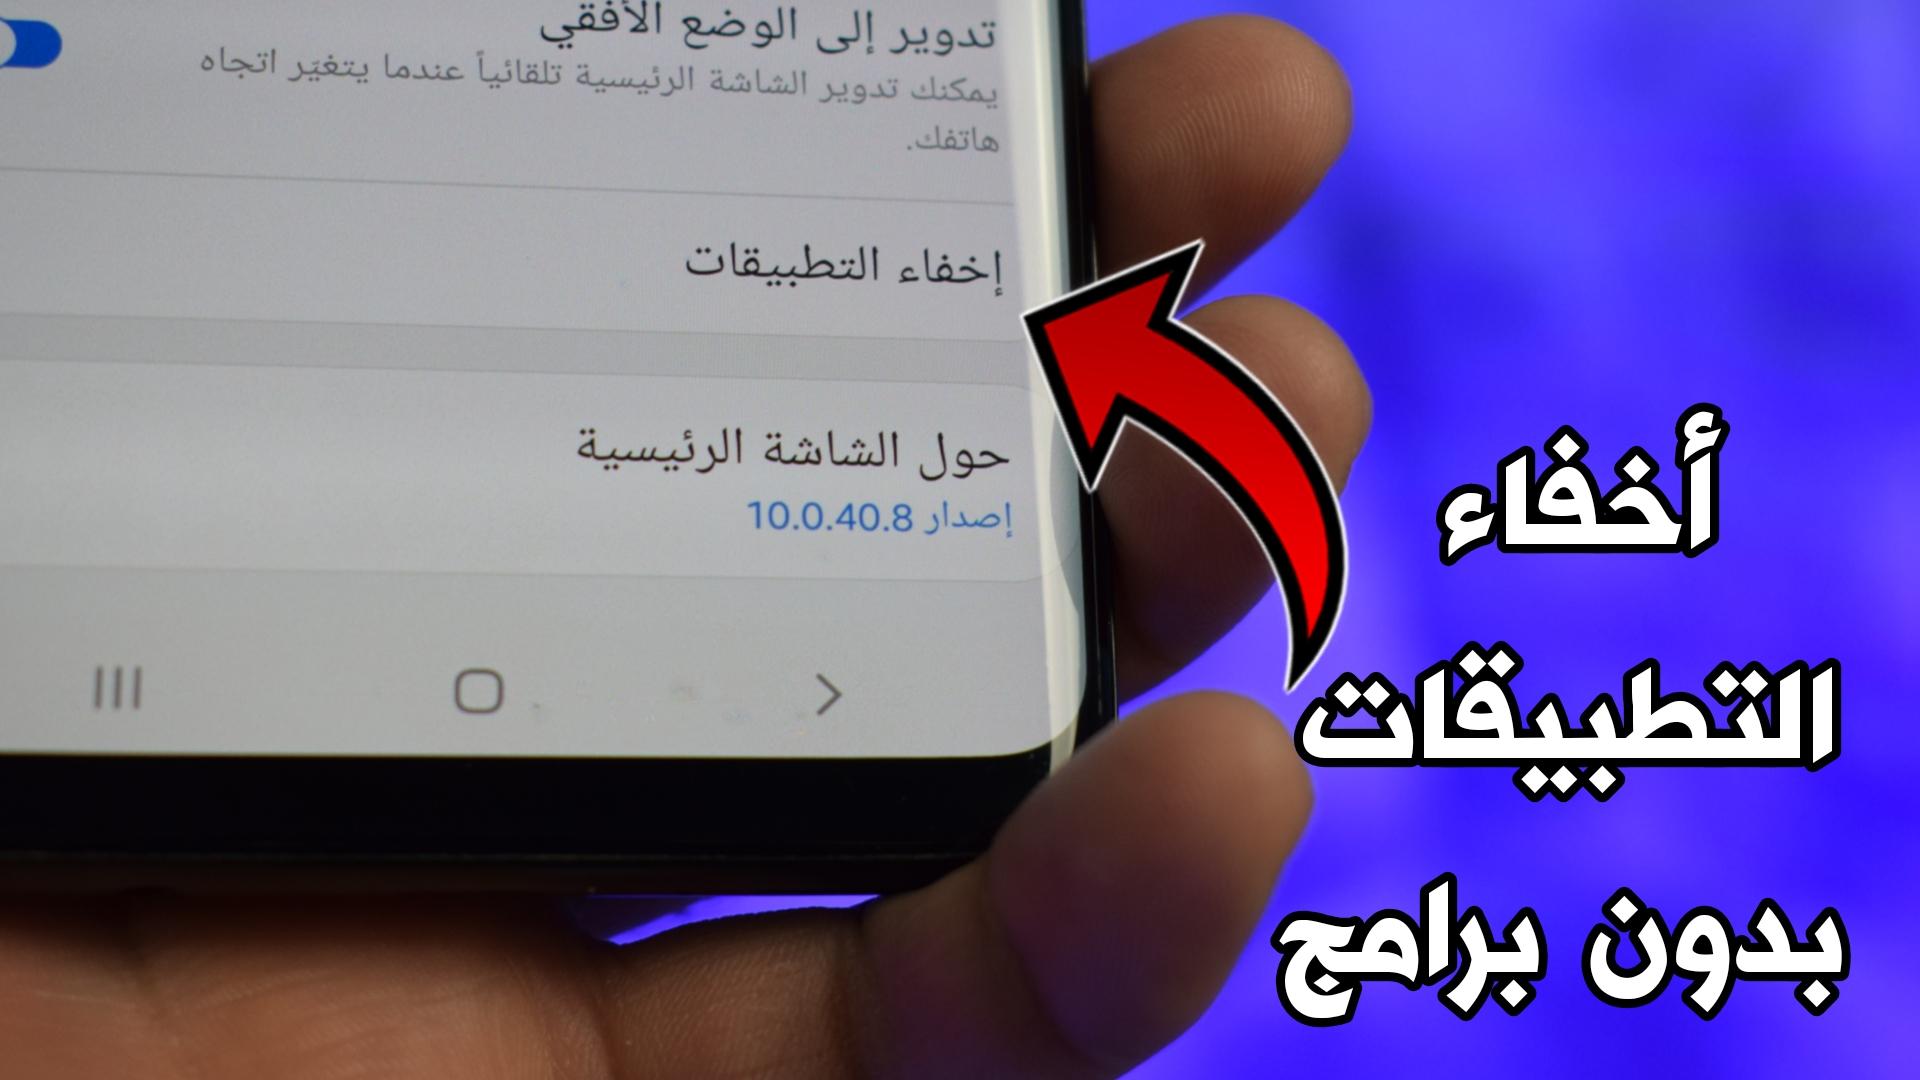 طريقة إخفاء التطبيقات بدون برامج لهواتف الأندرويد !!!